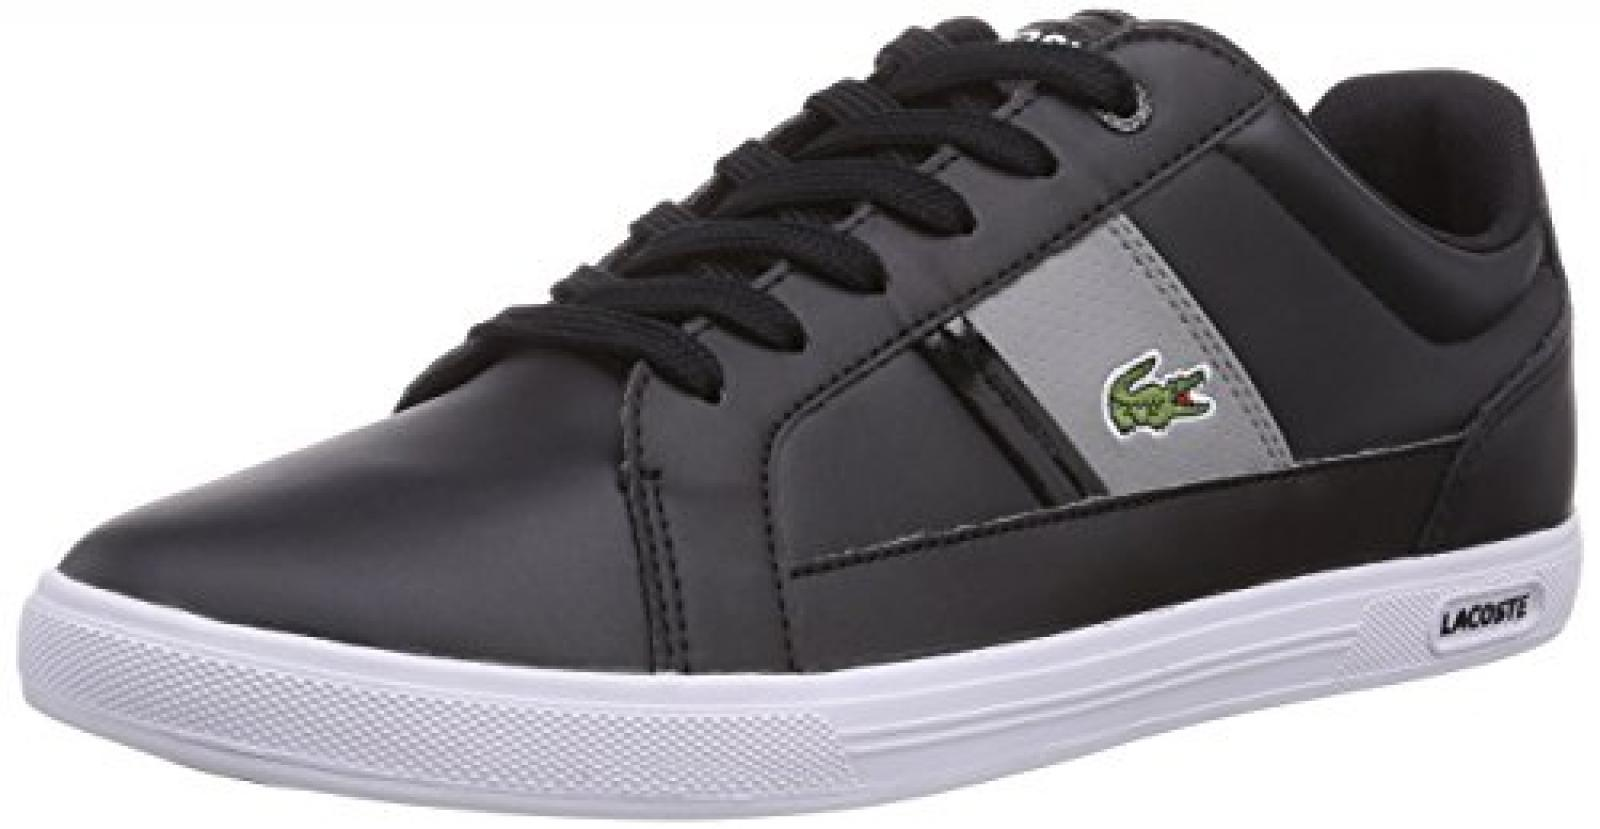 Lacoste EUROPA LCR Herren Sneakers